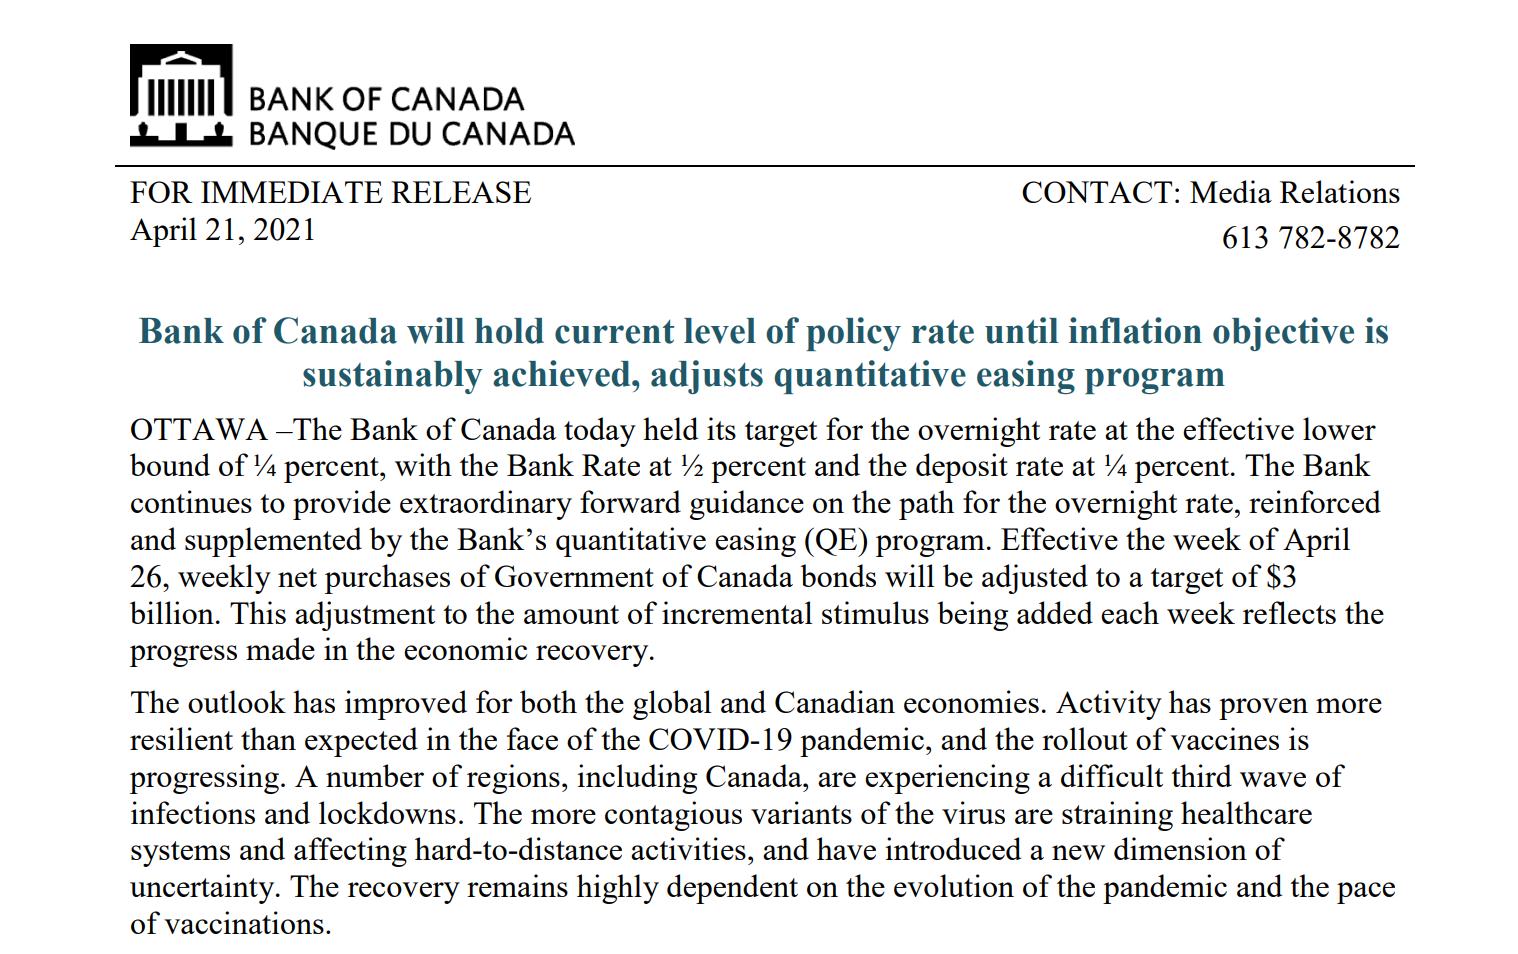 加拿大央行提前加息指引至2022年 缩减债券购买计划